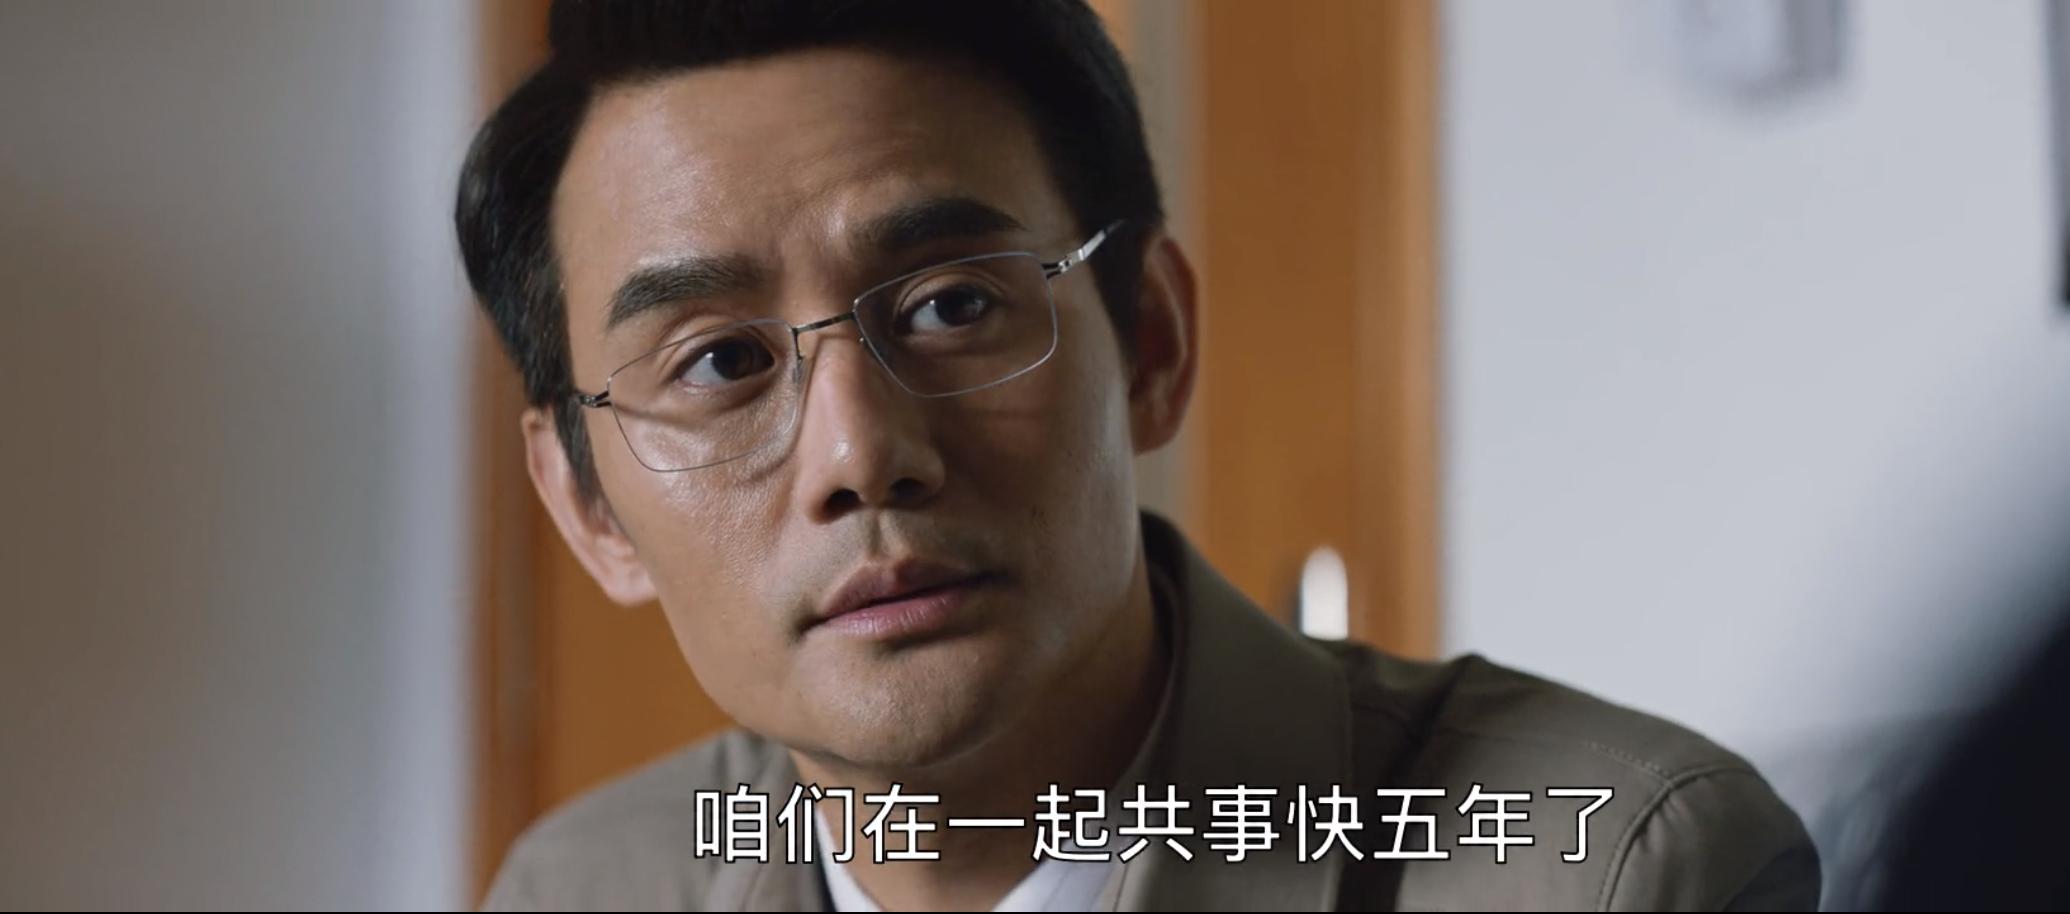 《大江大河2》收官,五年来评分排名第二,但一处硬伤无法原谅